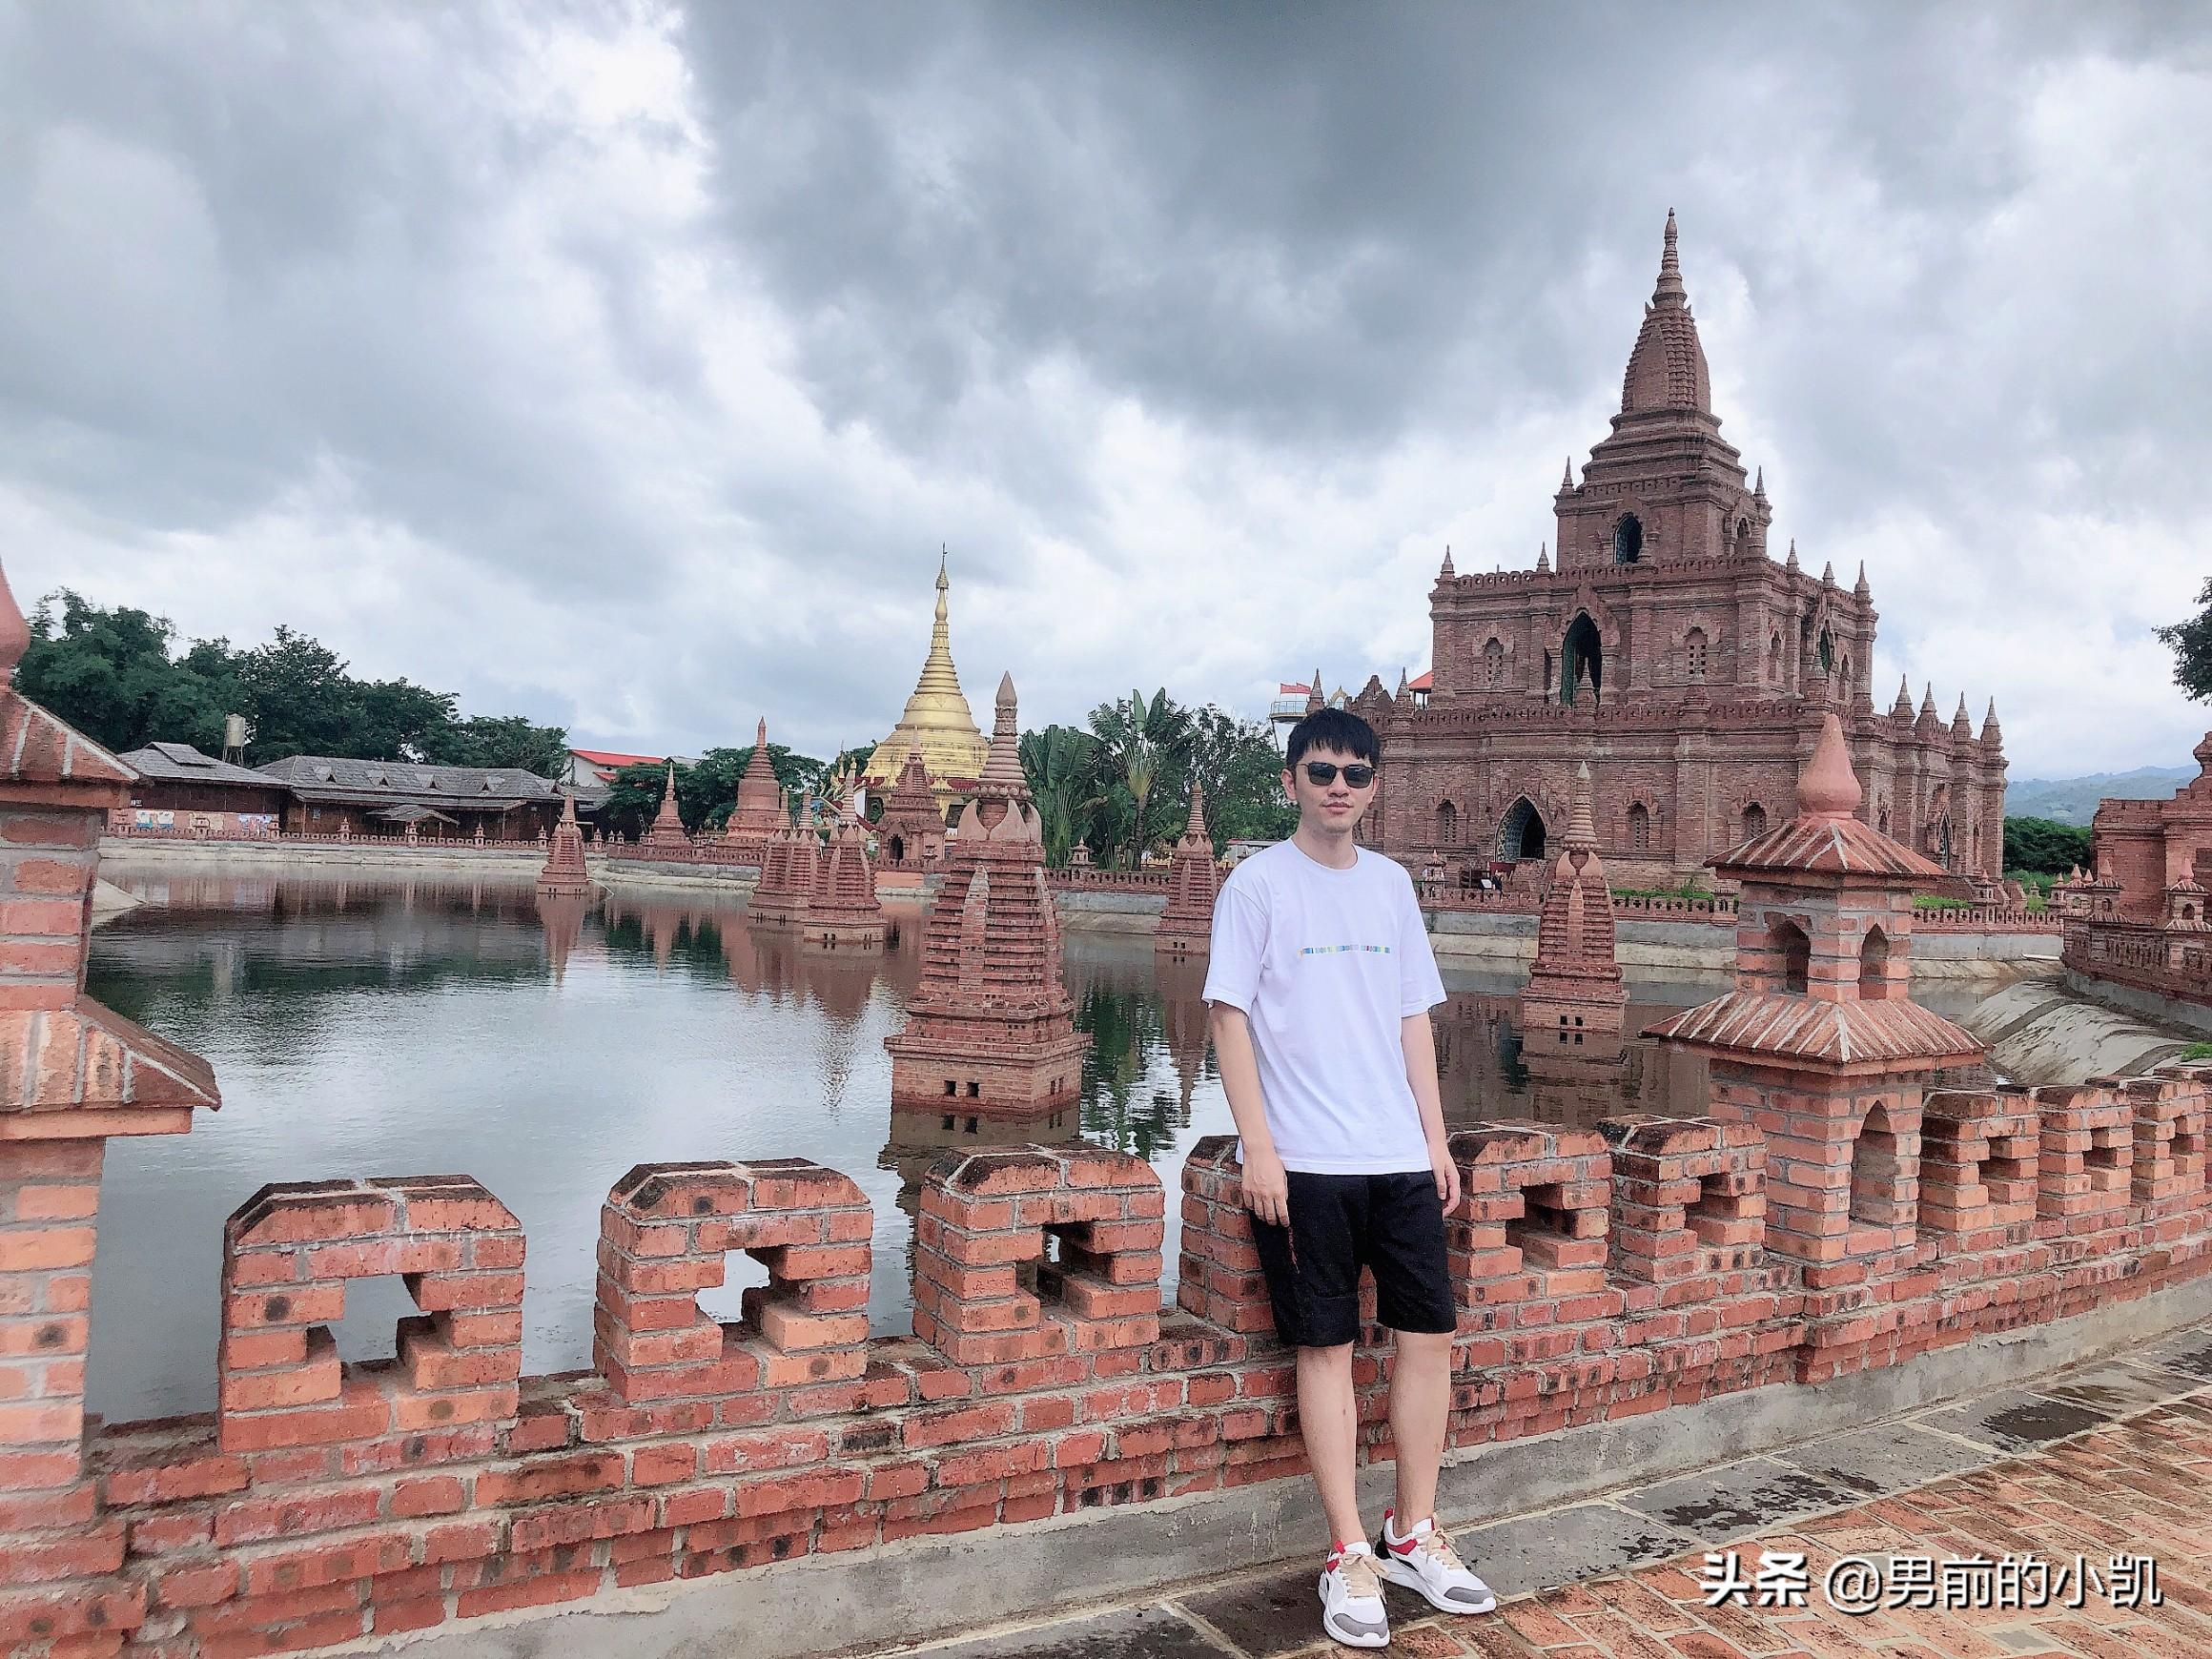 六张图看完瑞丽的中国缅甸边境,出国很容易